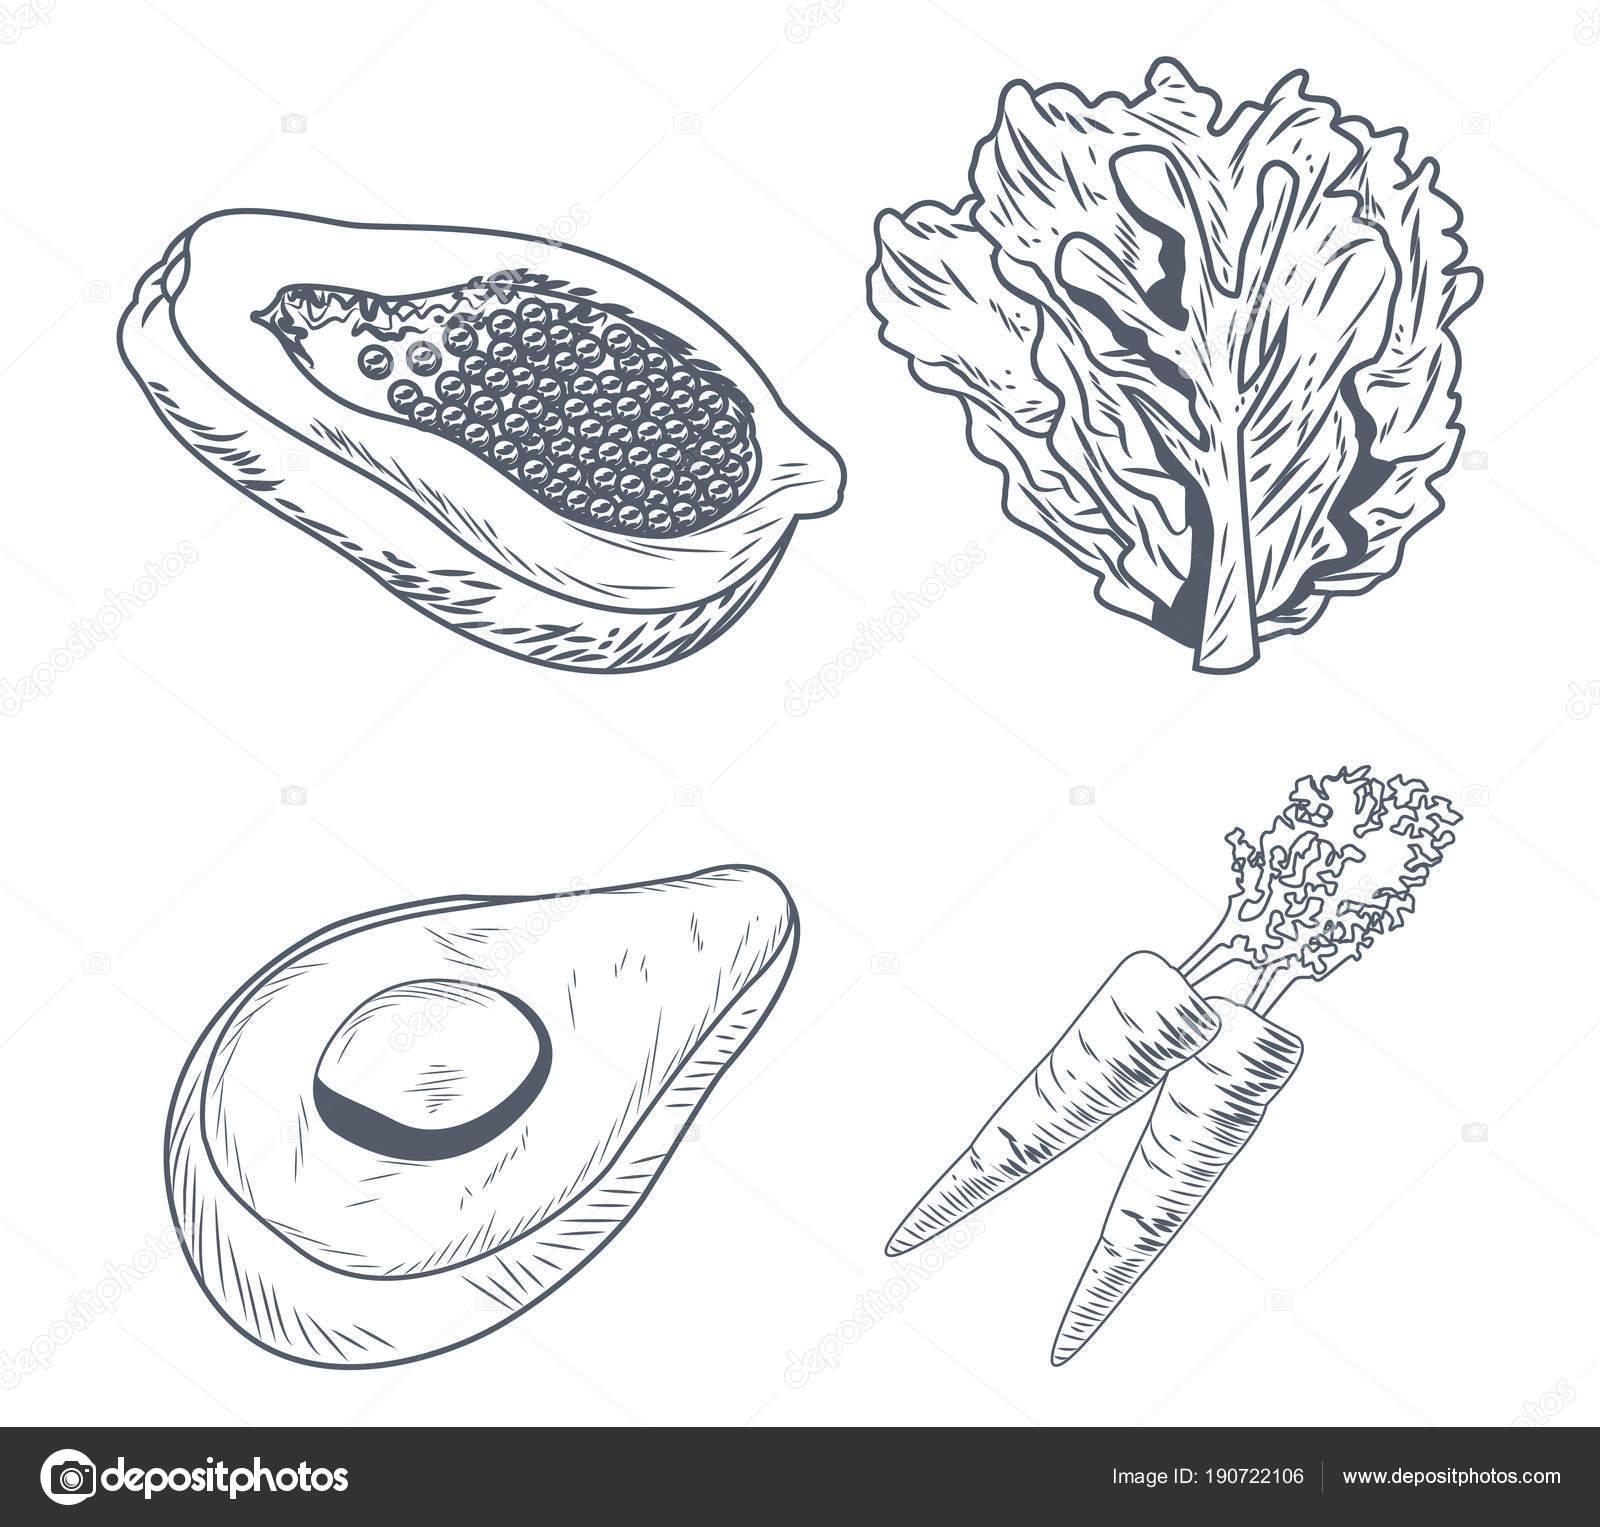 Fotos Carpa Preto E Branco Alimentos Sanos Y Frescos Vector De